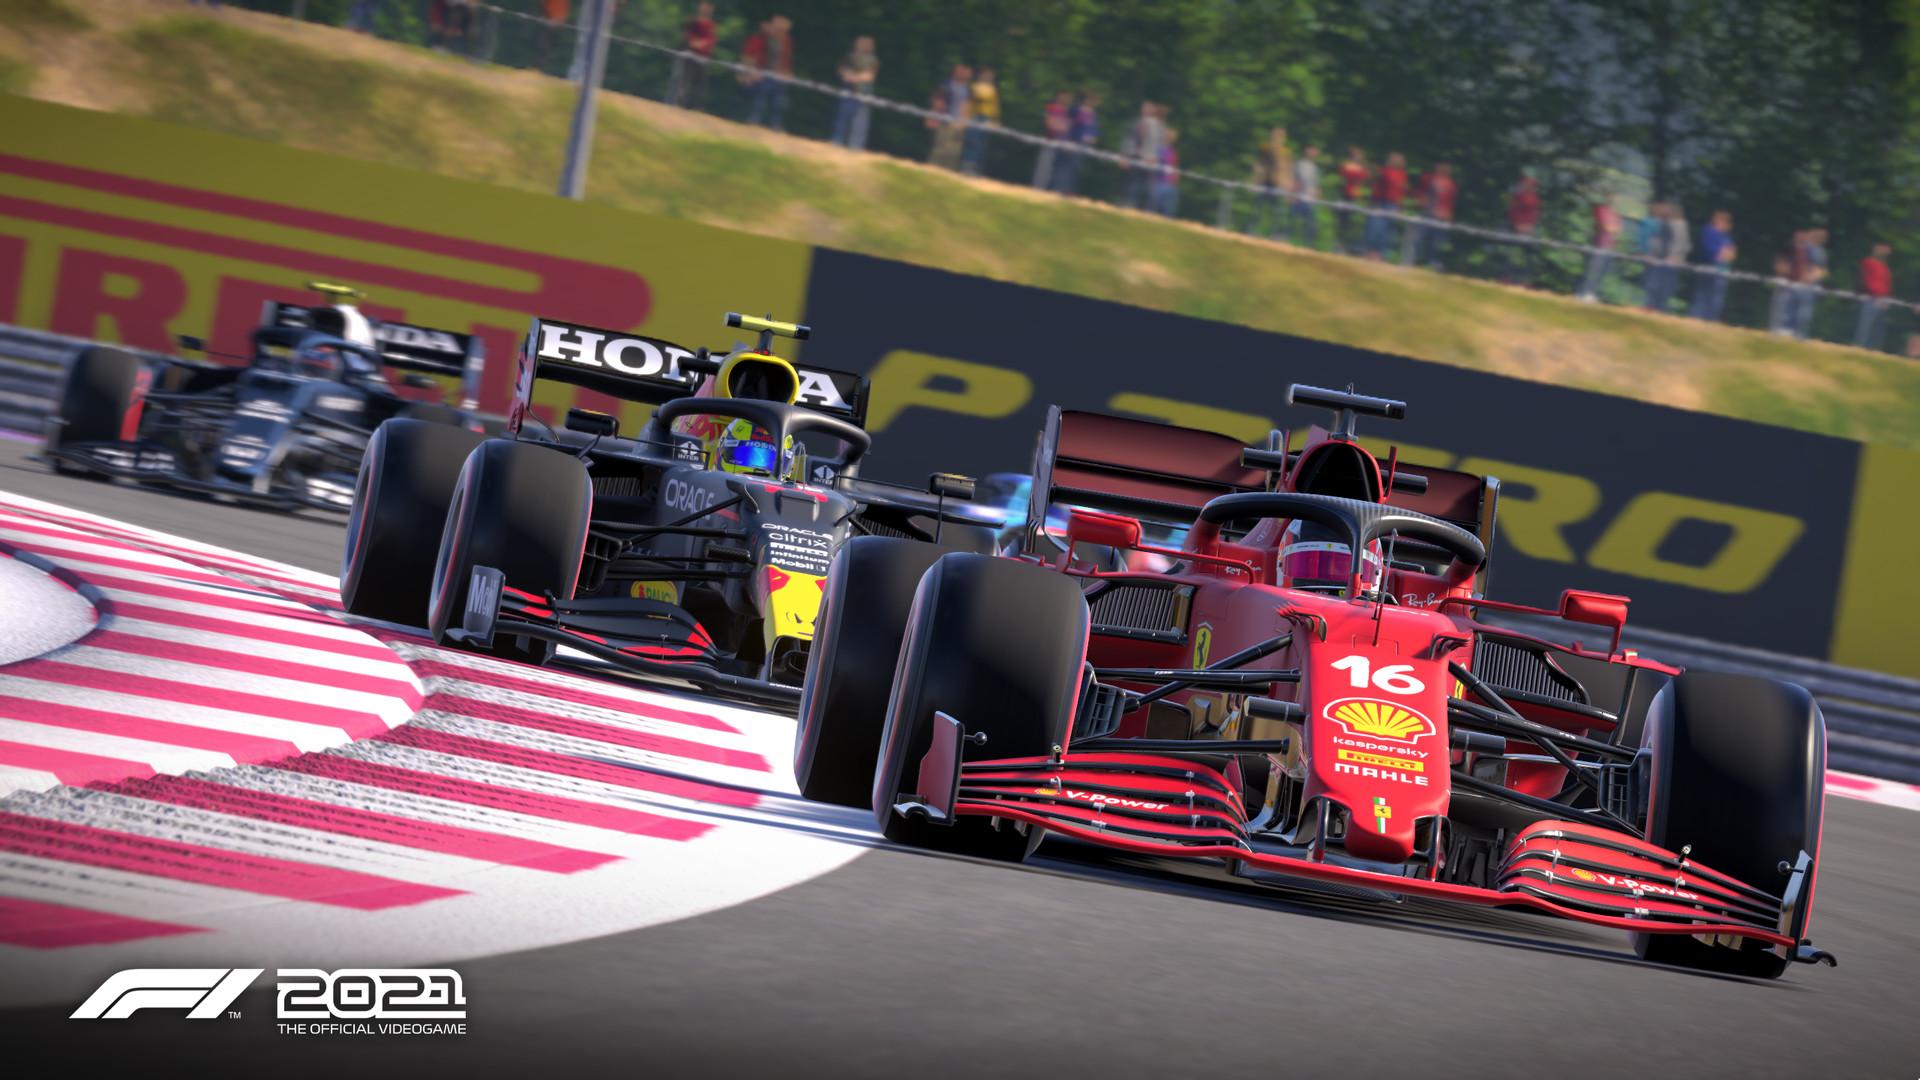 Autódromo de Portimão já disponível em F1 2021